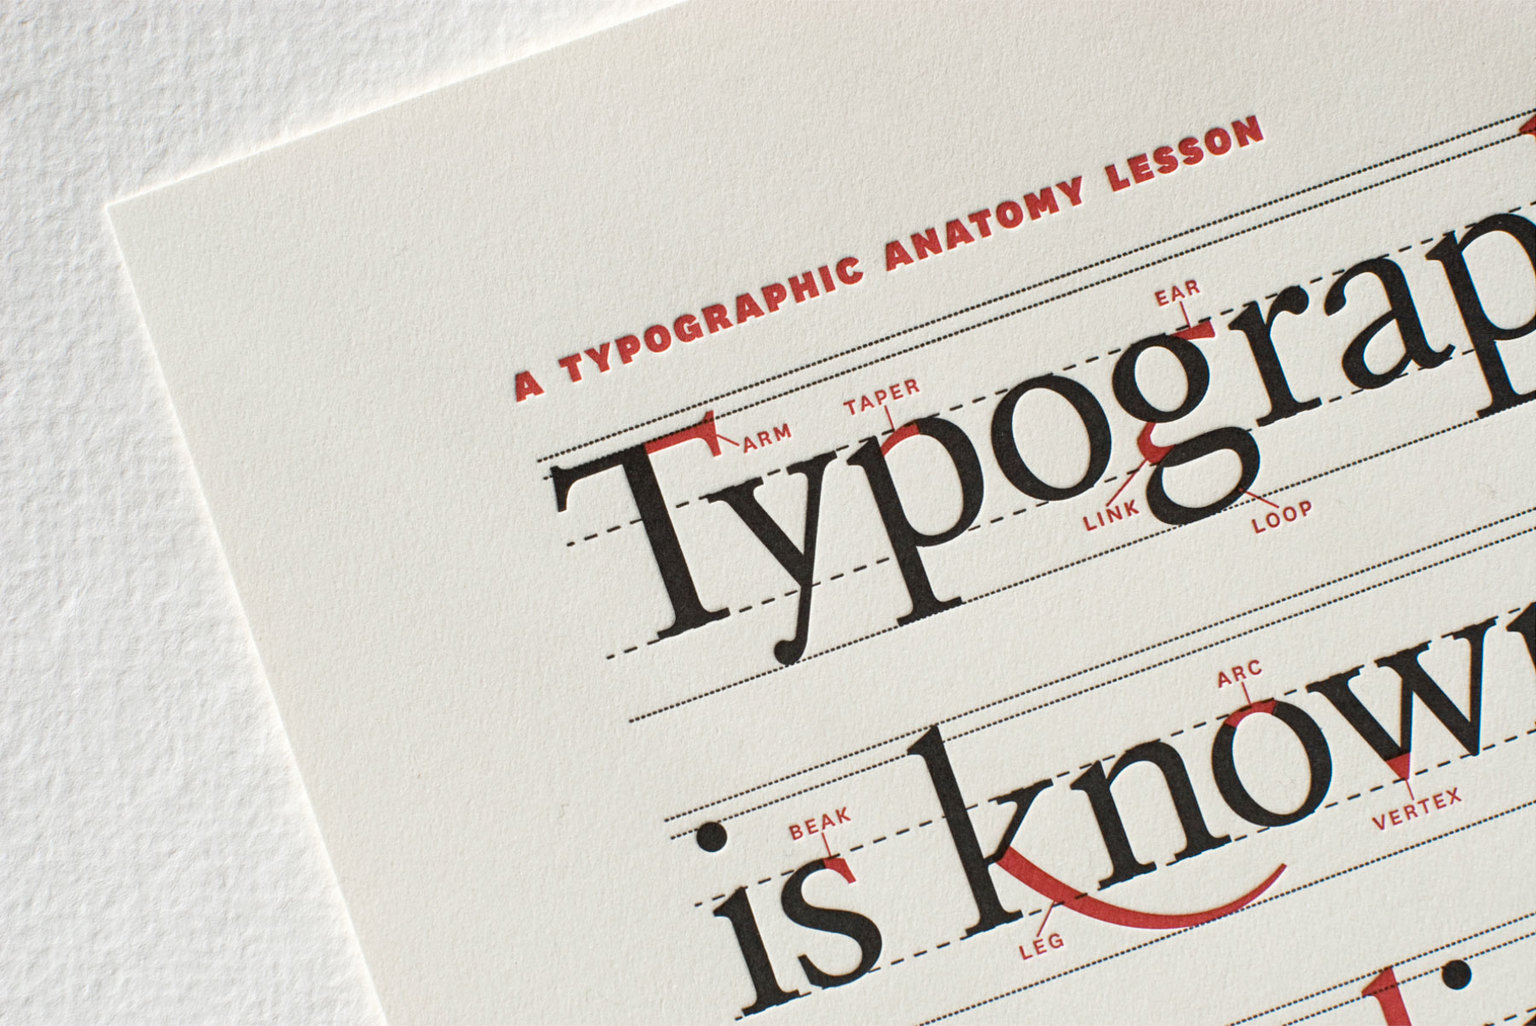 Vllg klim national typographicanatomy